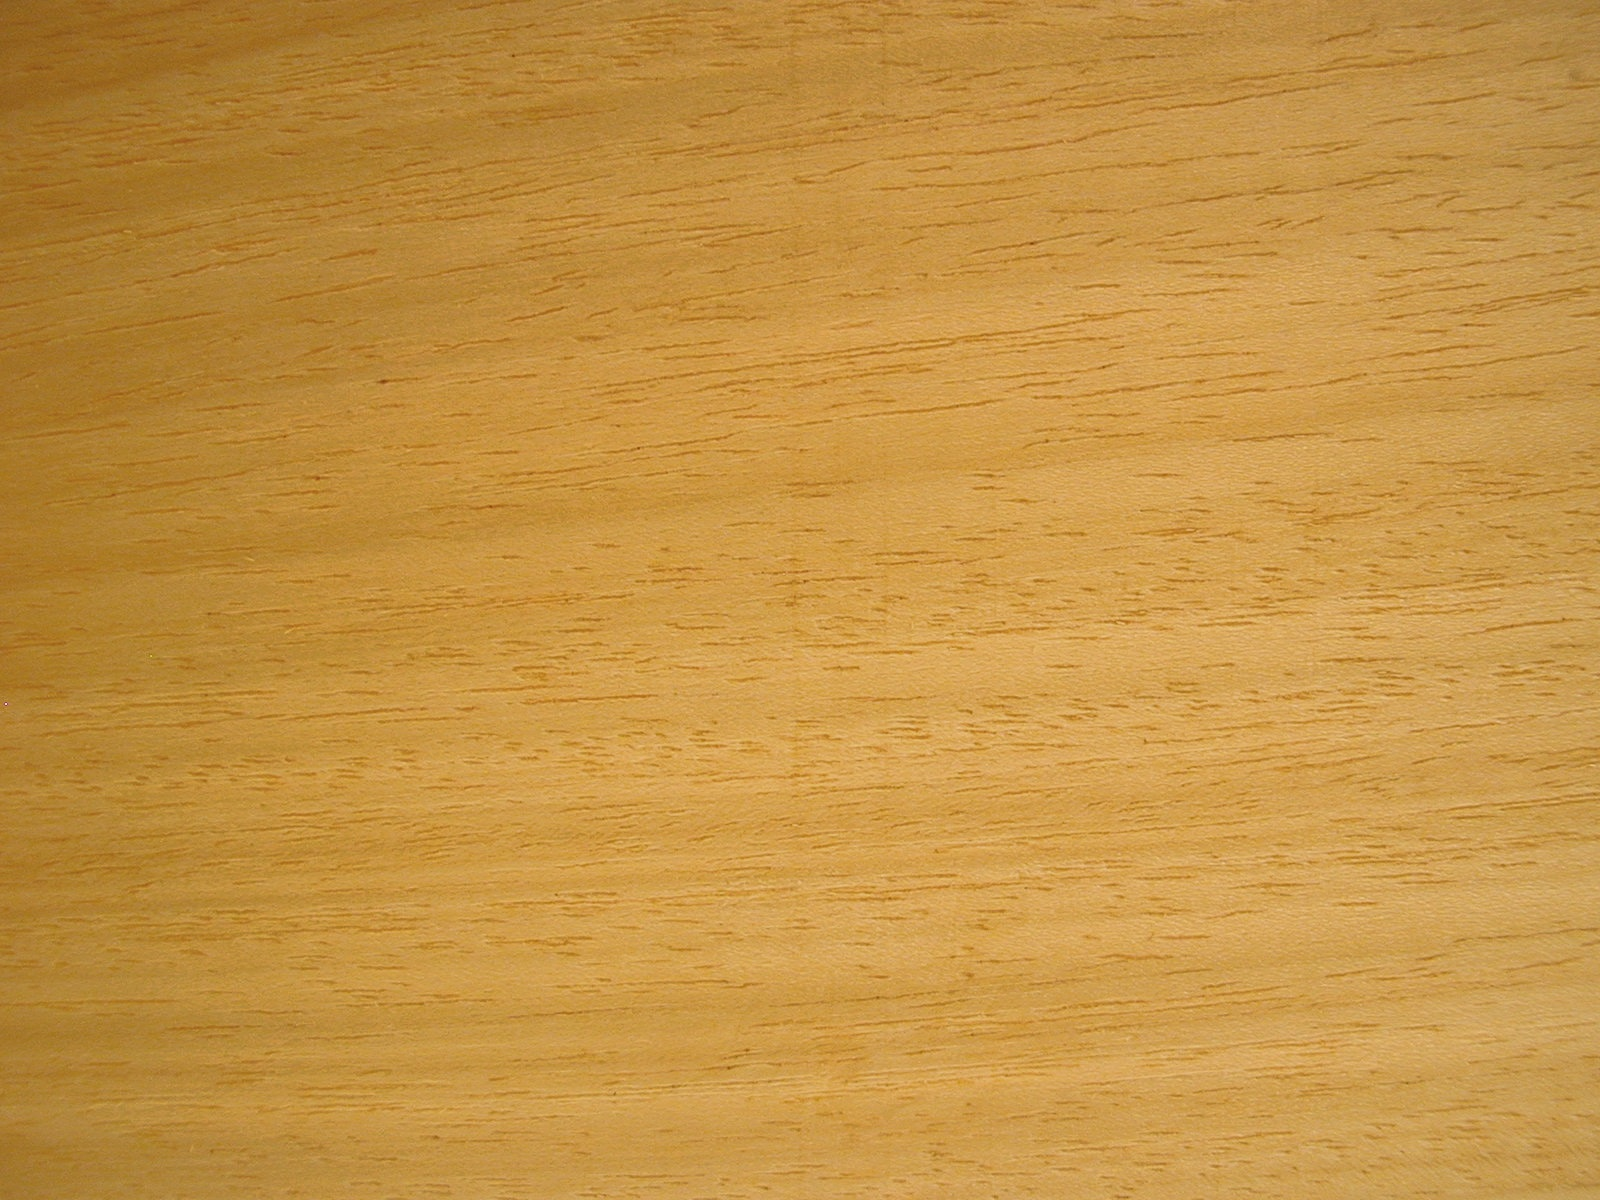 Holzarten Erkennen koto holz eigenschaften verwendung und preise